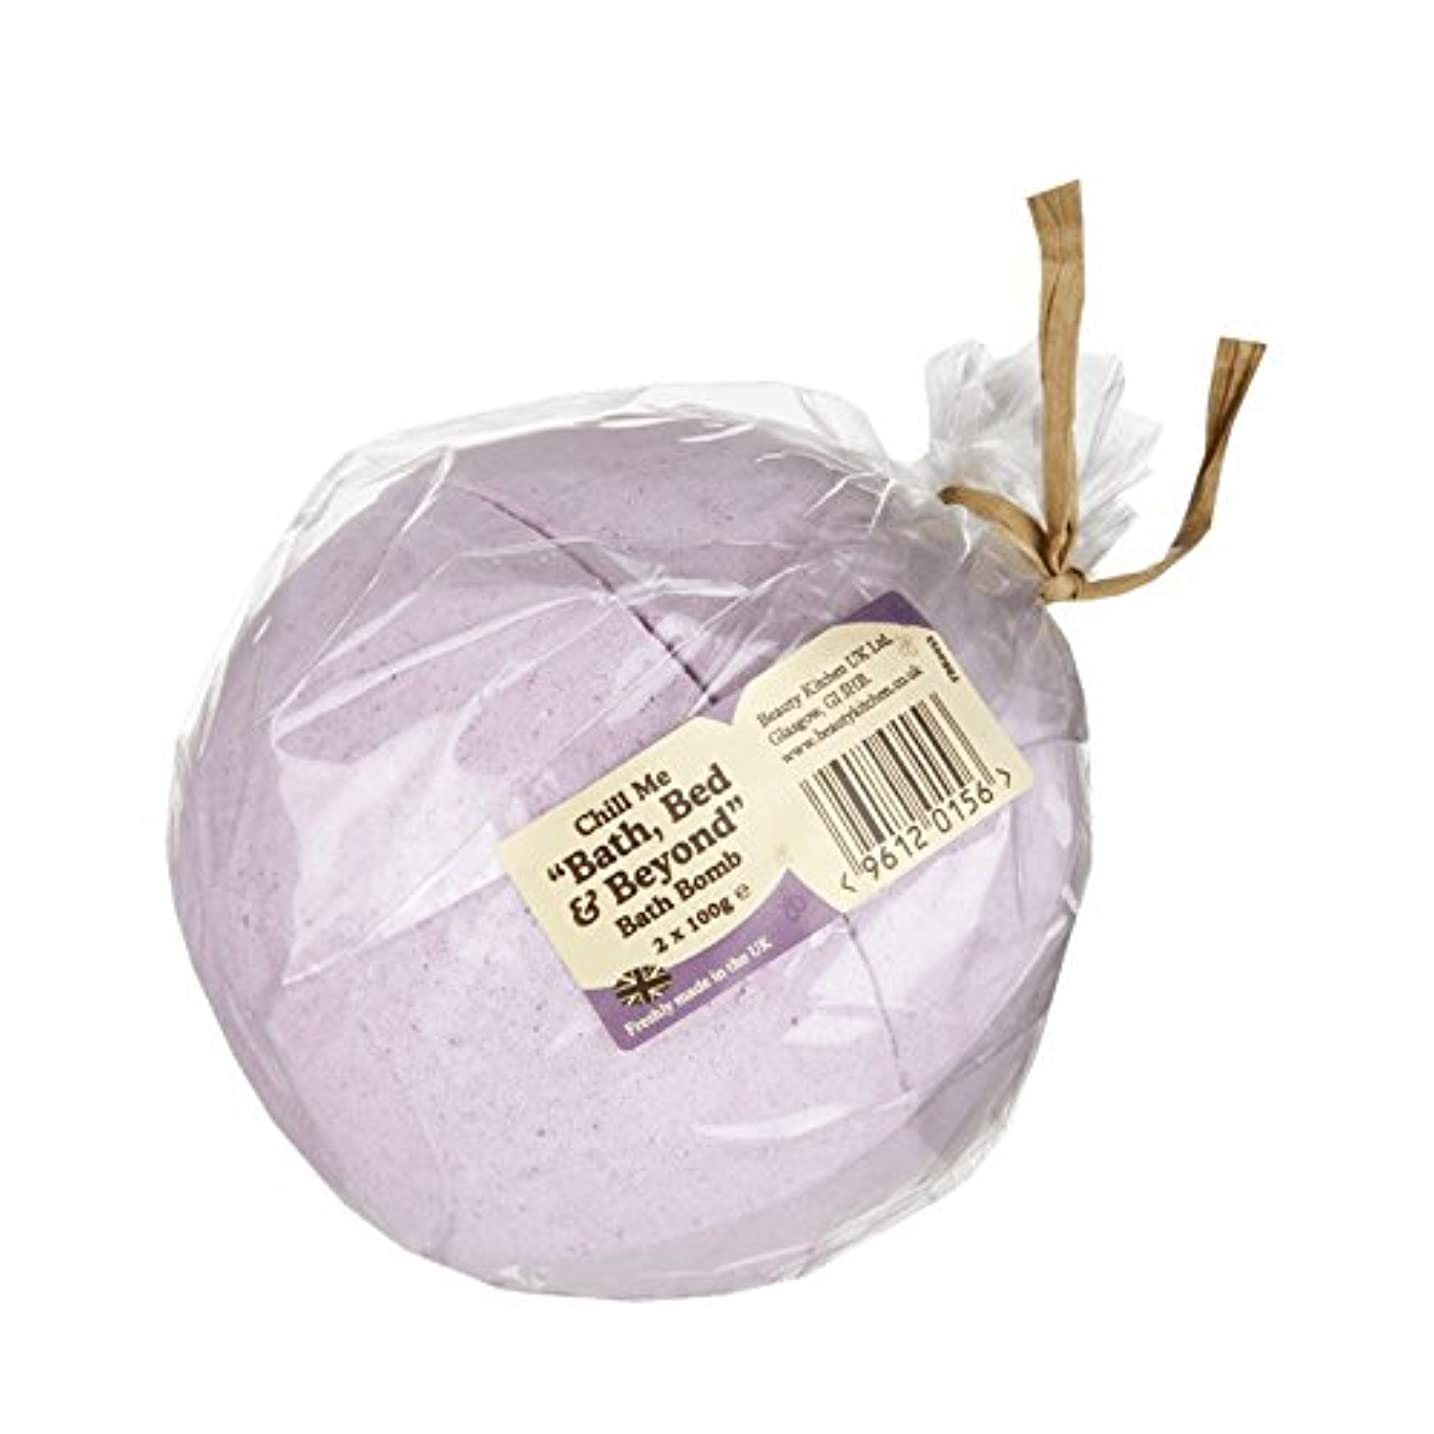 確かめる逆登るBeauty Kitchen Chill Me Bath, Bed & Beyond Bath Bomb 2 x 100g (Pack of 2) - 美しさのキッチンには、バスタブ、ベッド&バス爆弾2×100グラムを超...